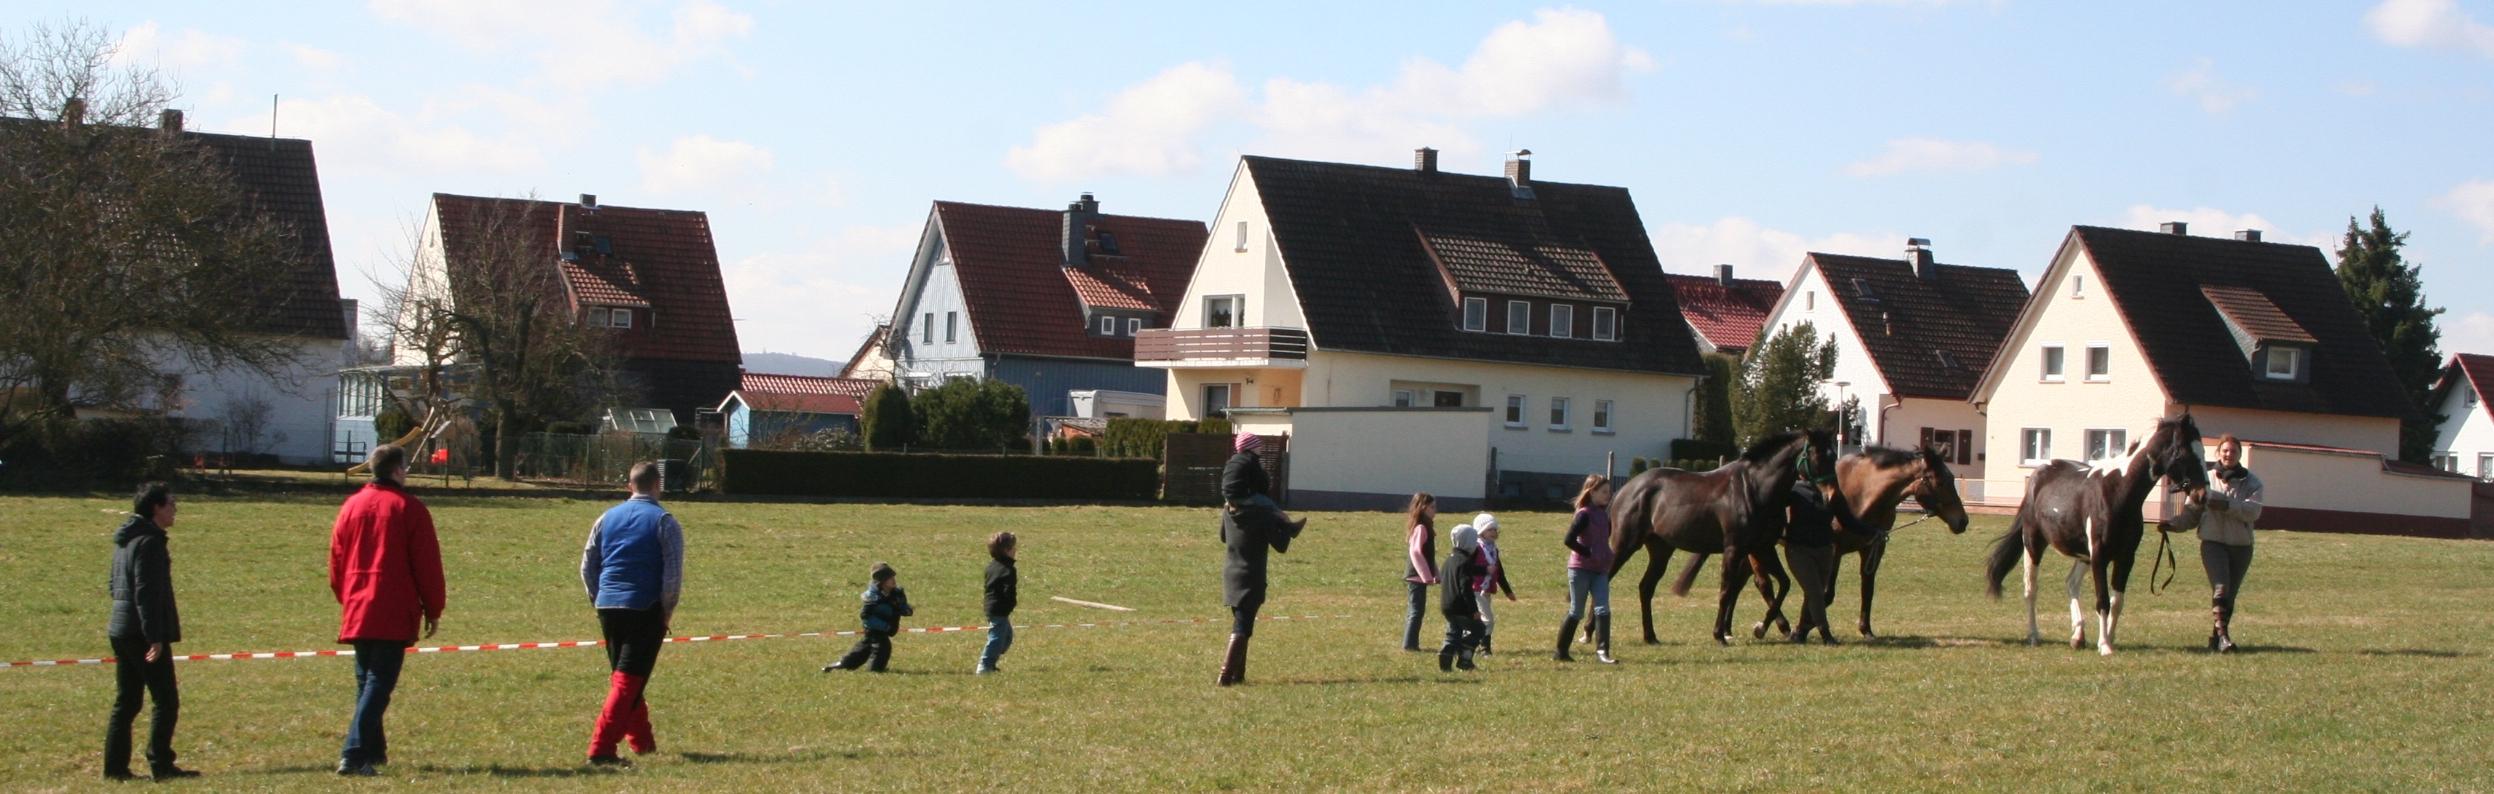 Wohngebiet - Auf dem Stück in Lauterbach